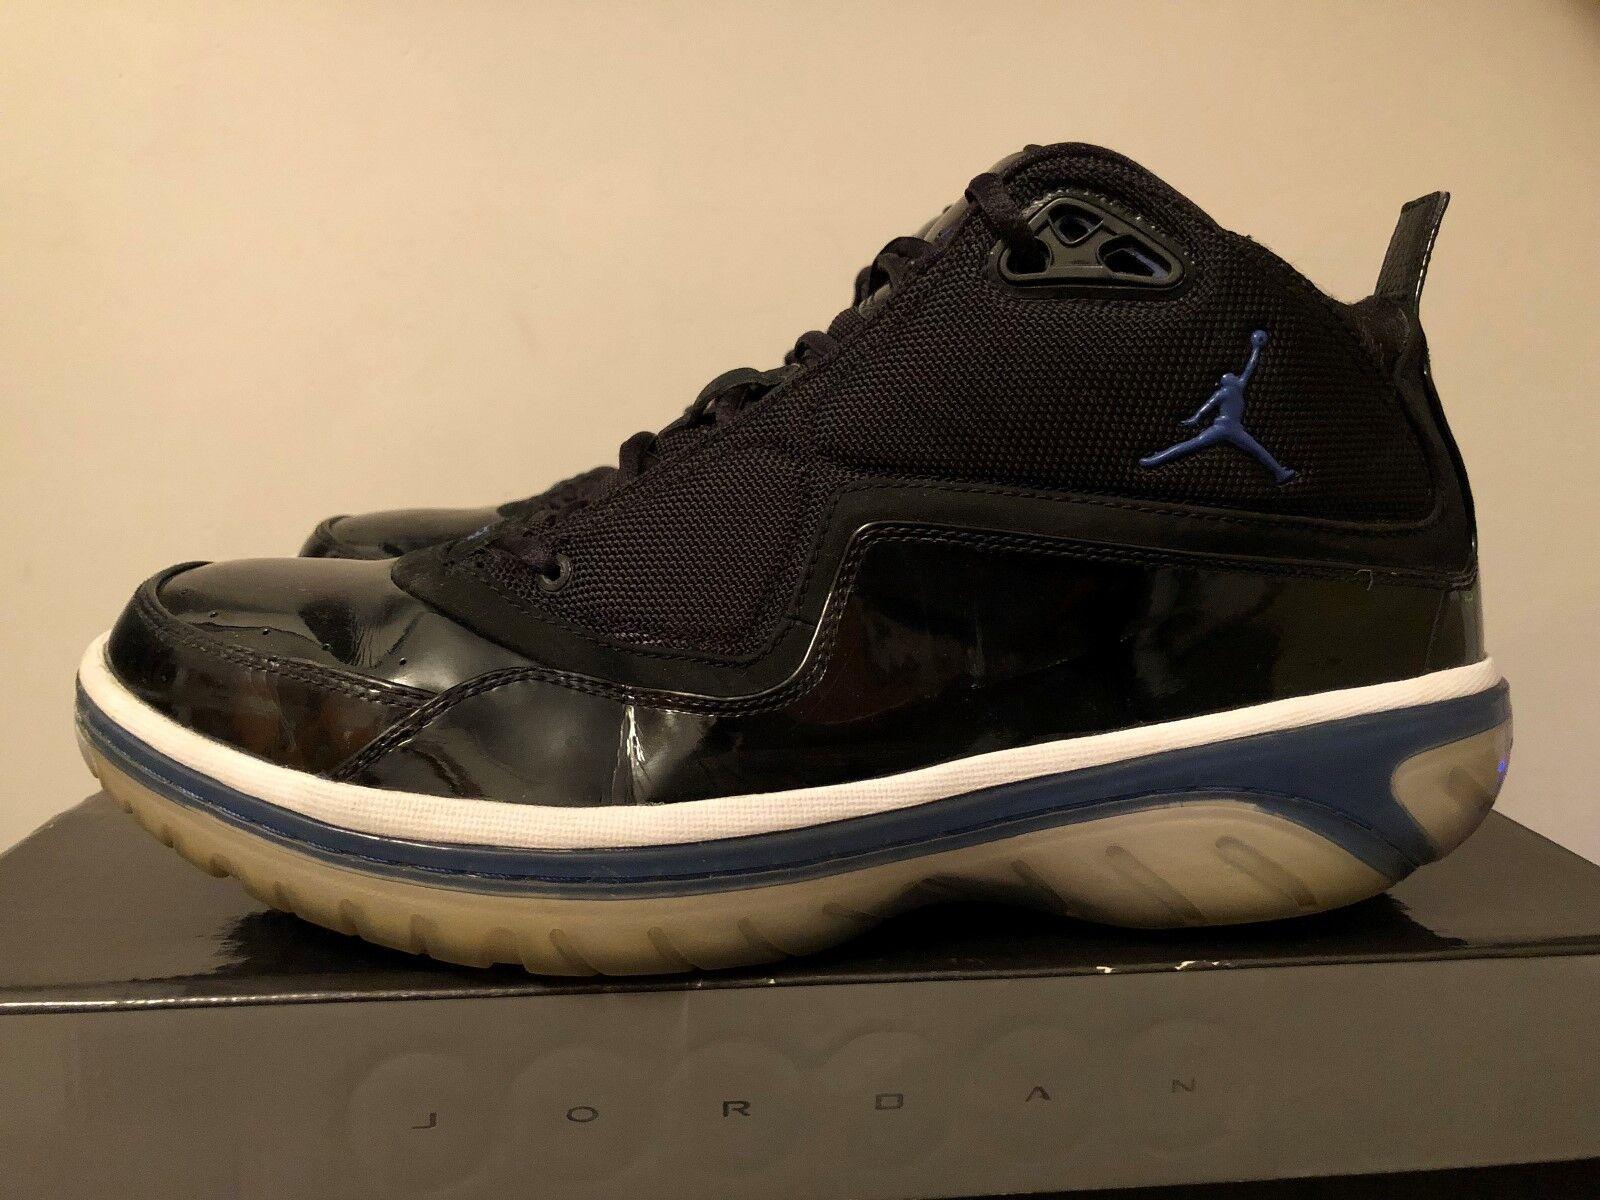 Nike Air Jordan EleHommes ts OG OG OG US 11 372862